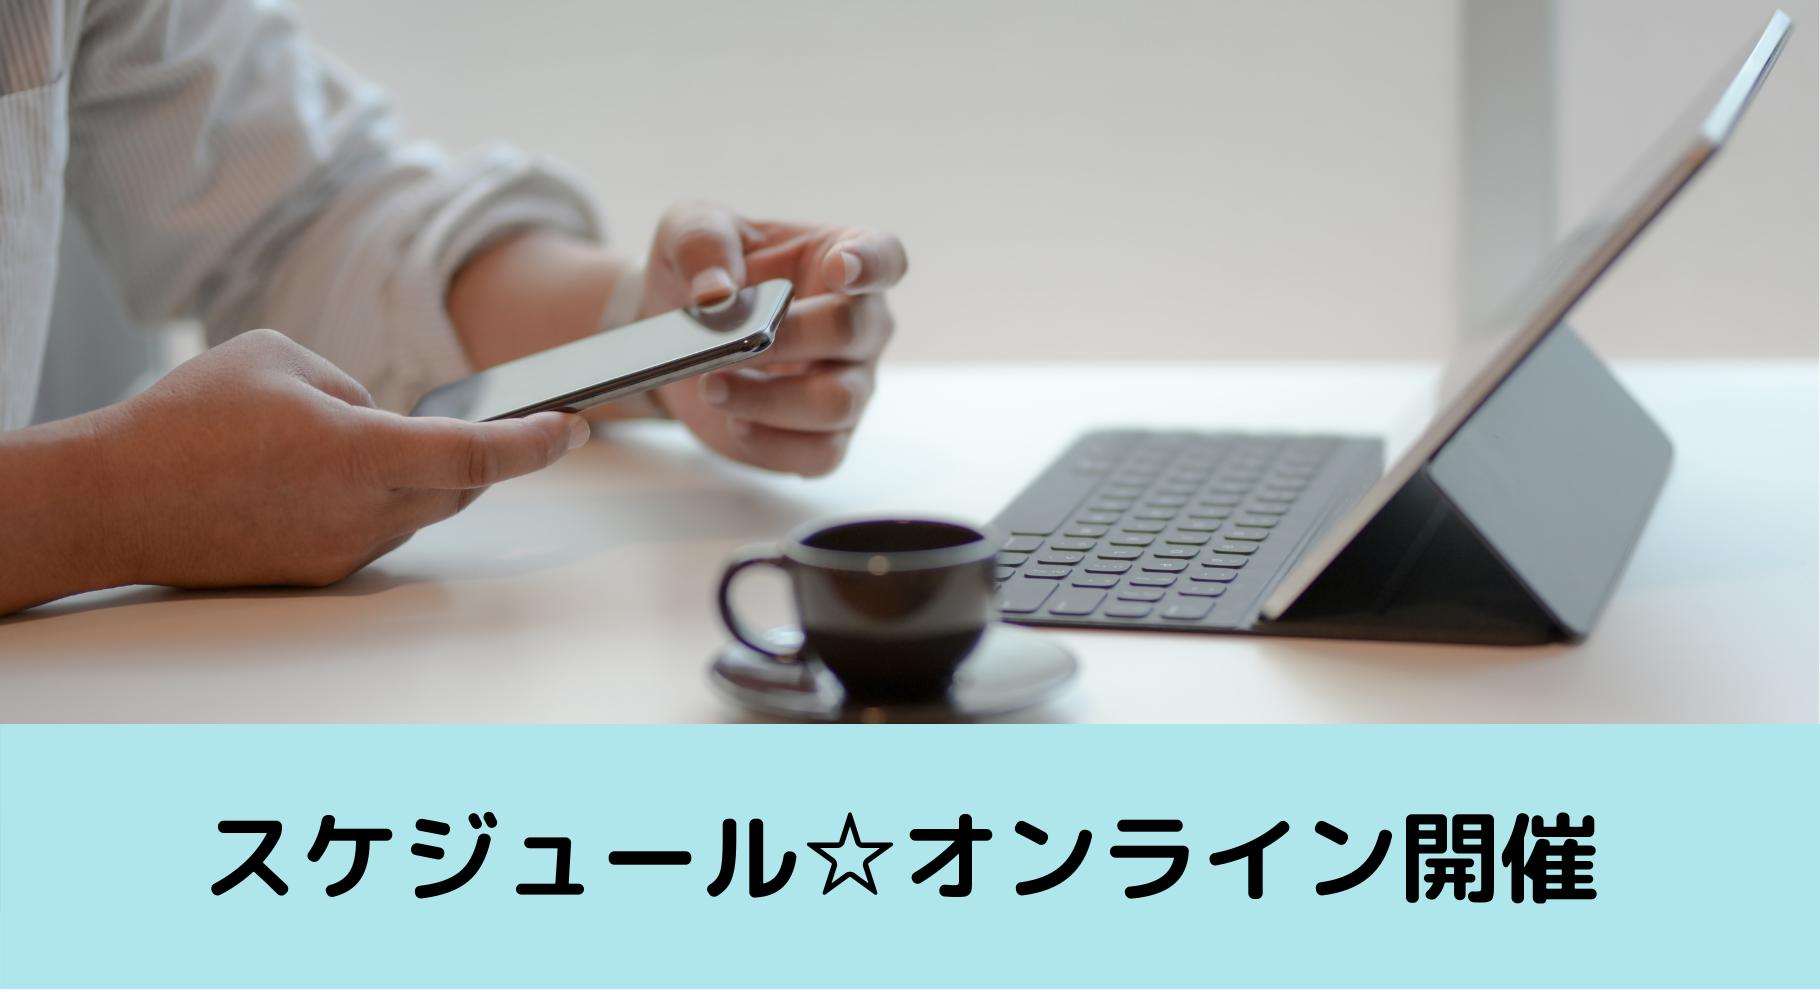 【スケジュール】オンライン